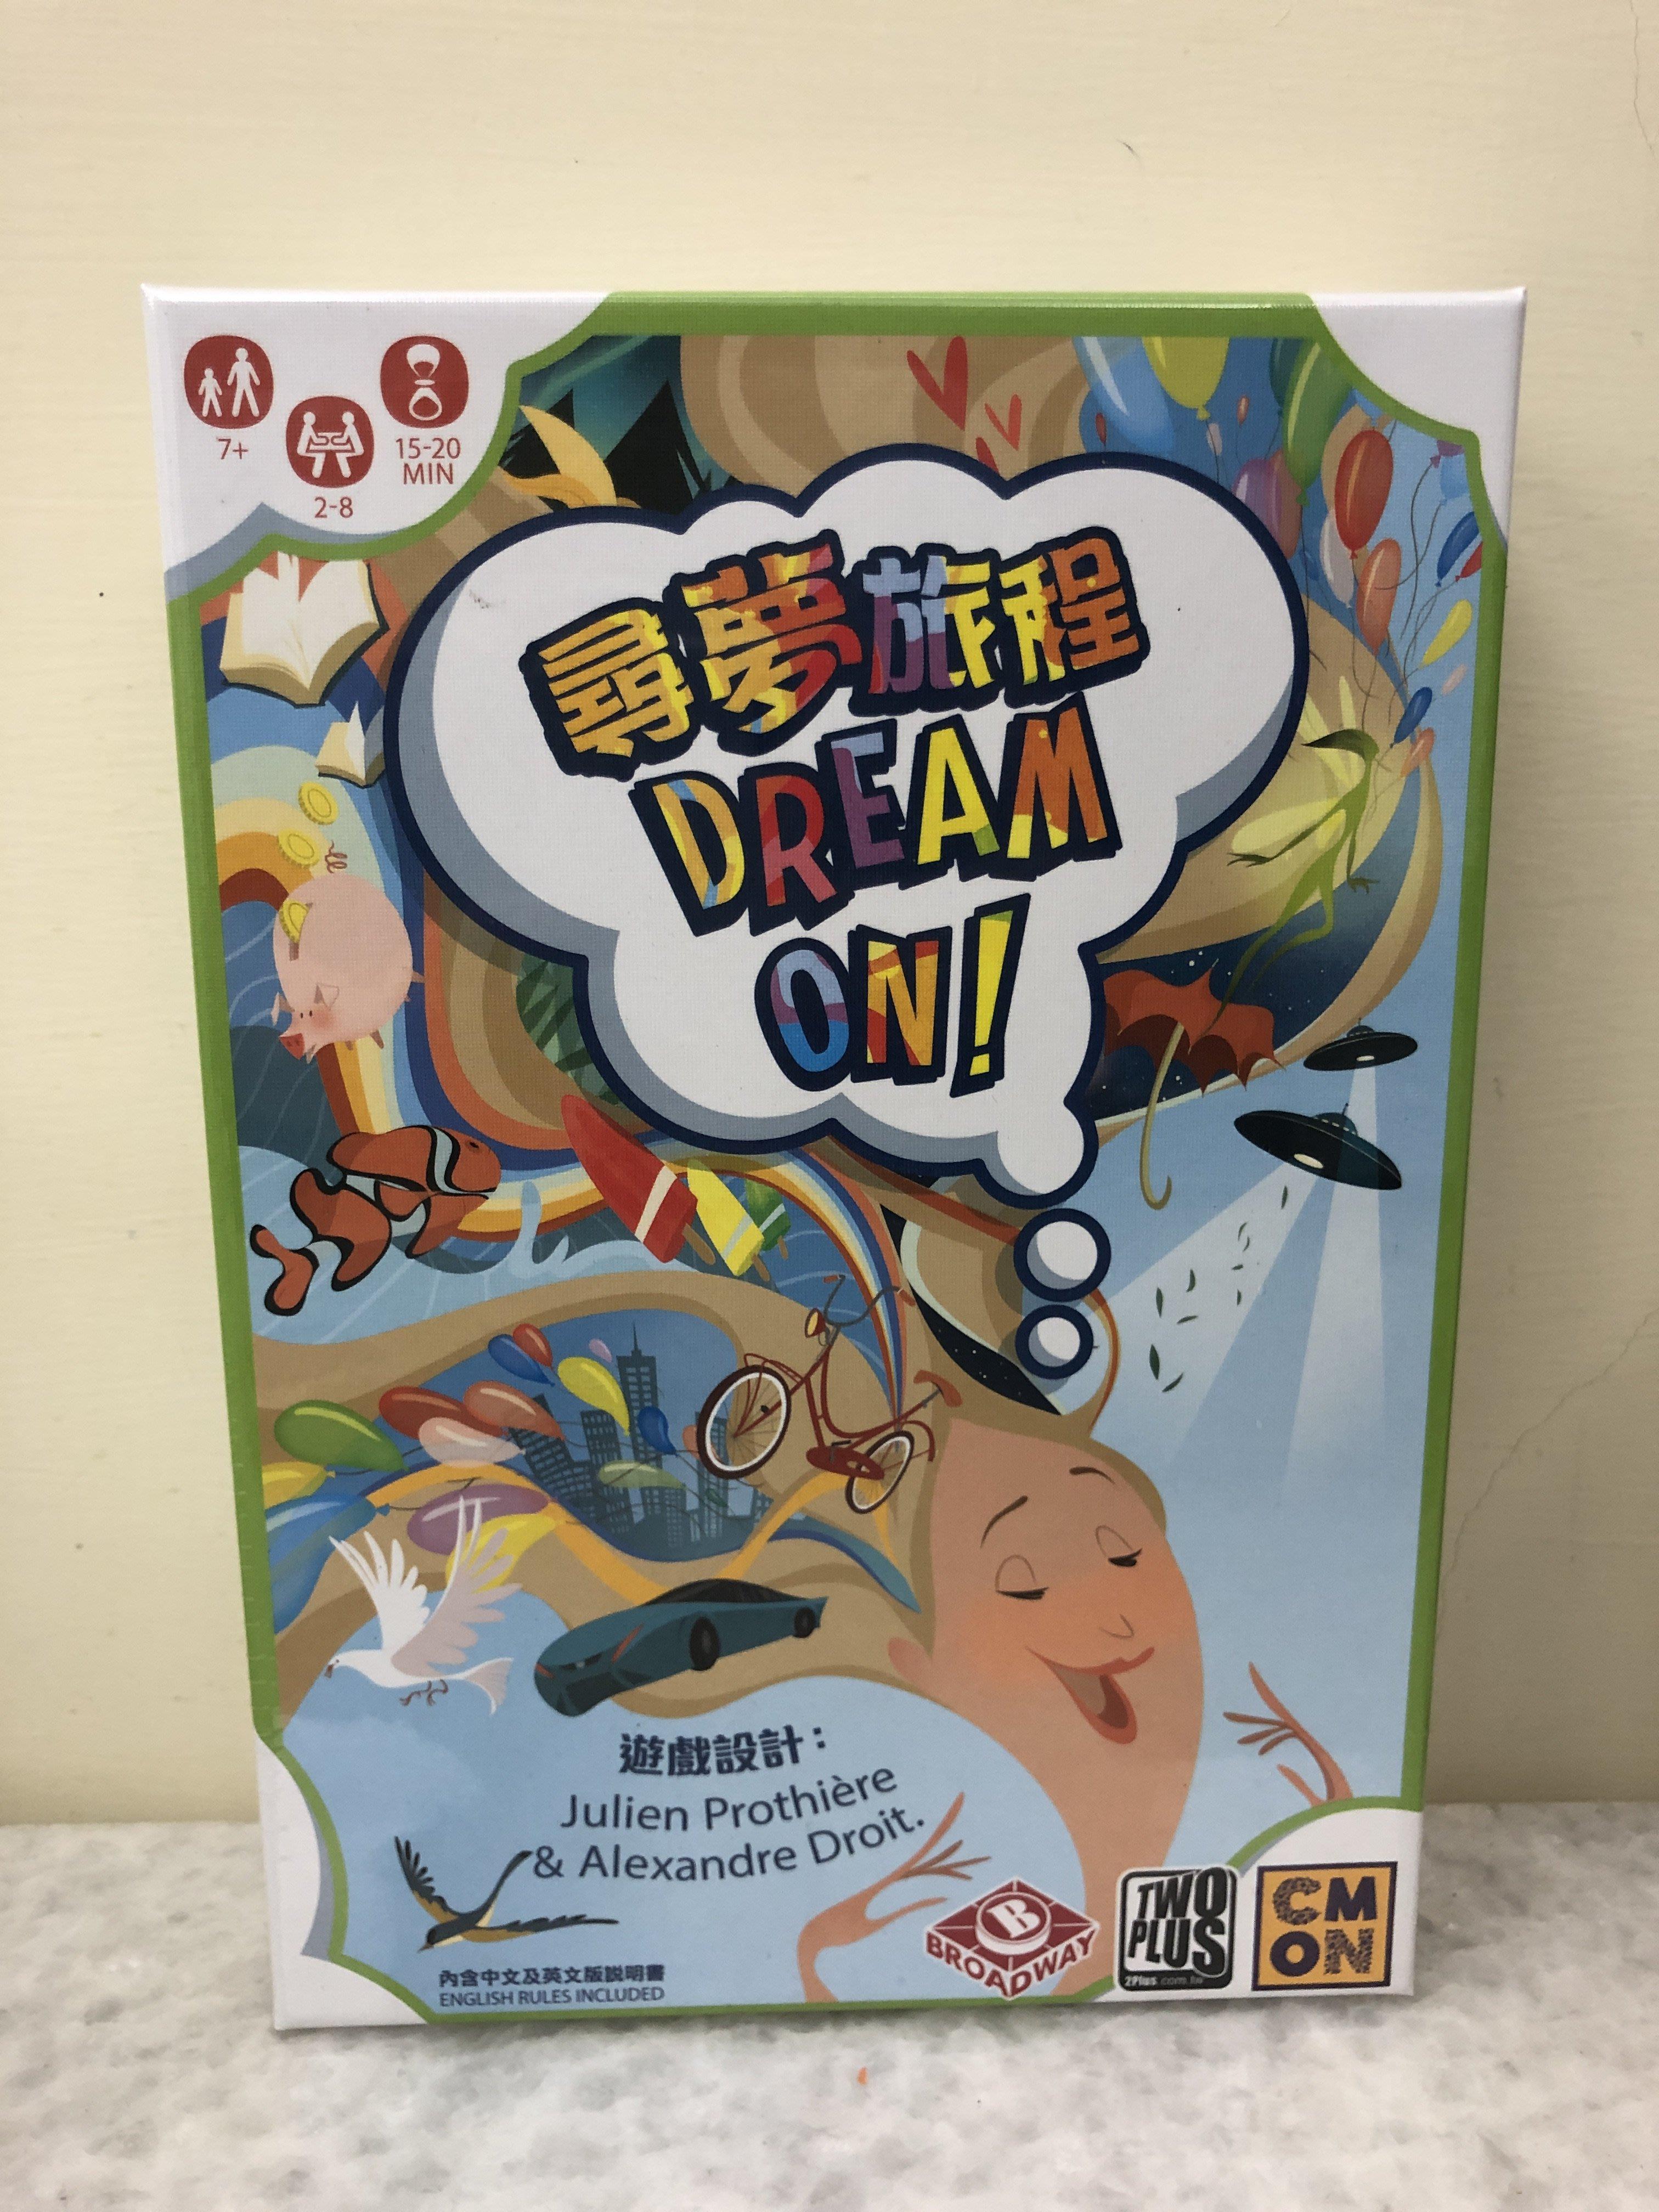 【桌遊世界】可開收據!正版桌遊 尋夢旅程 Dream On